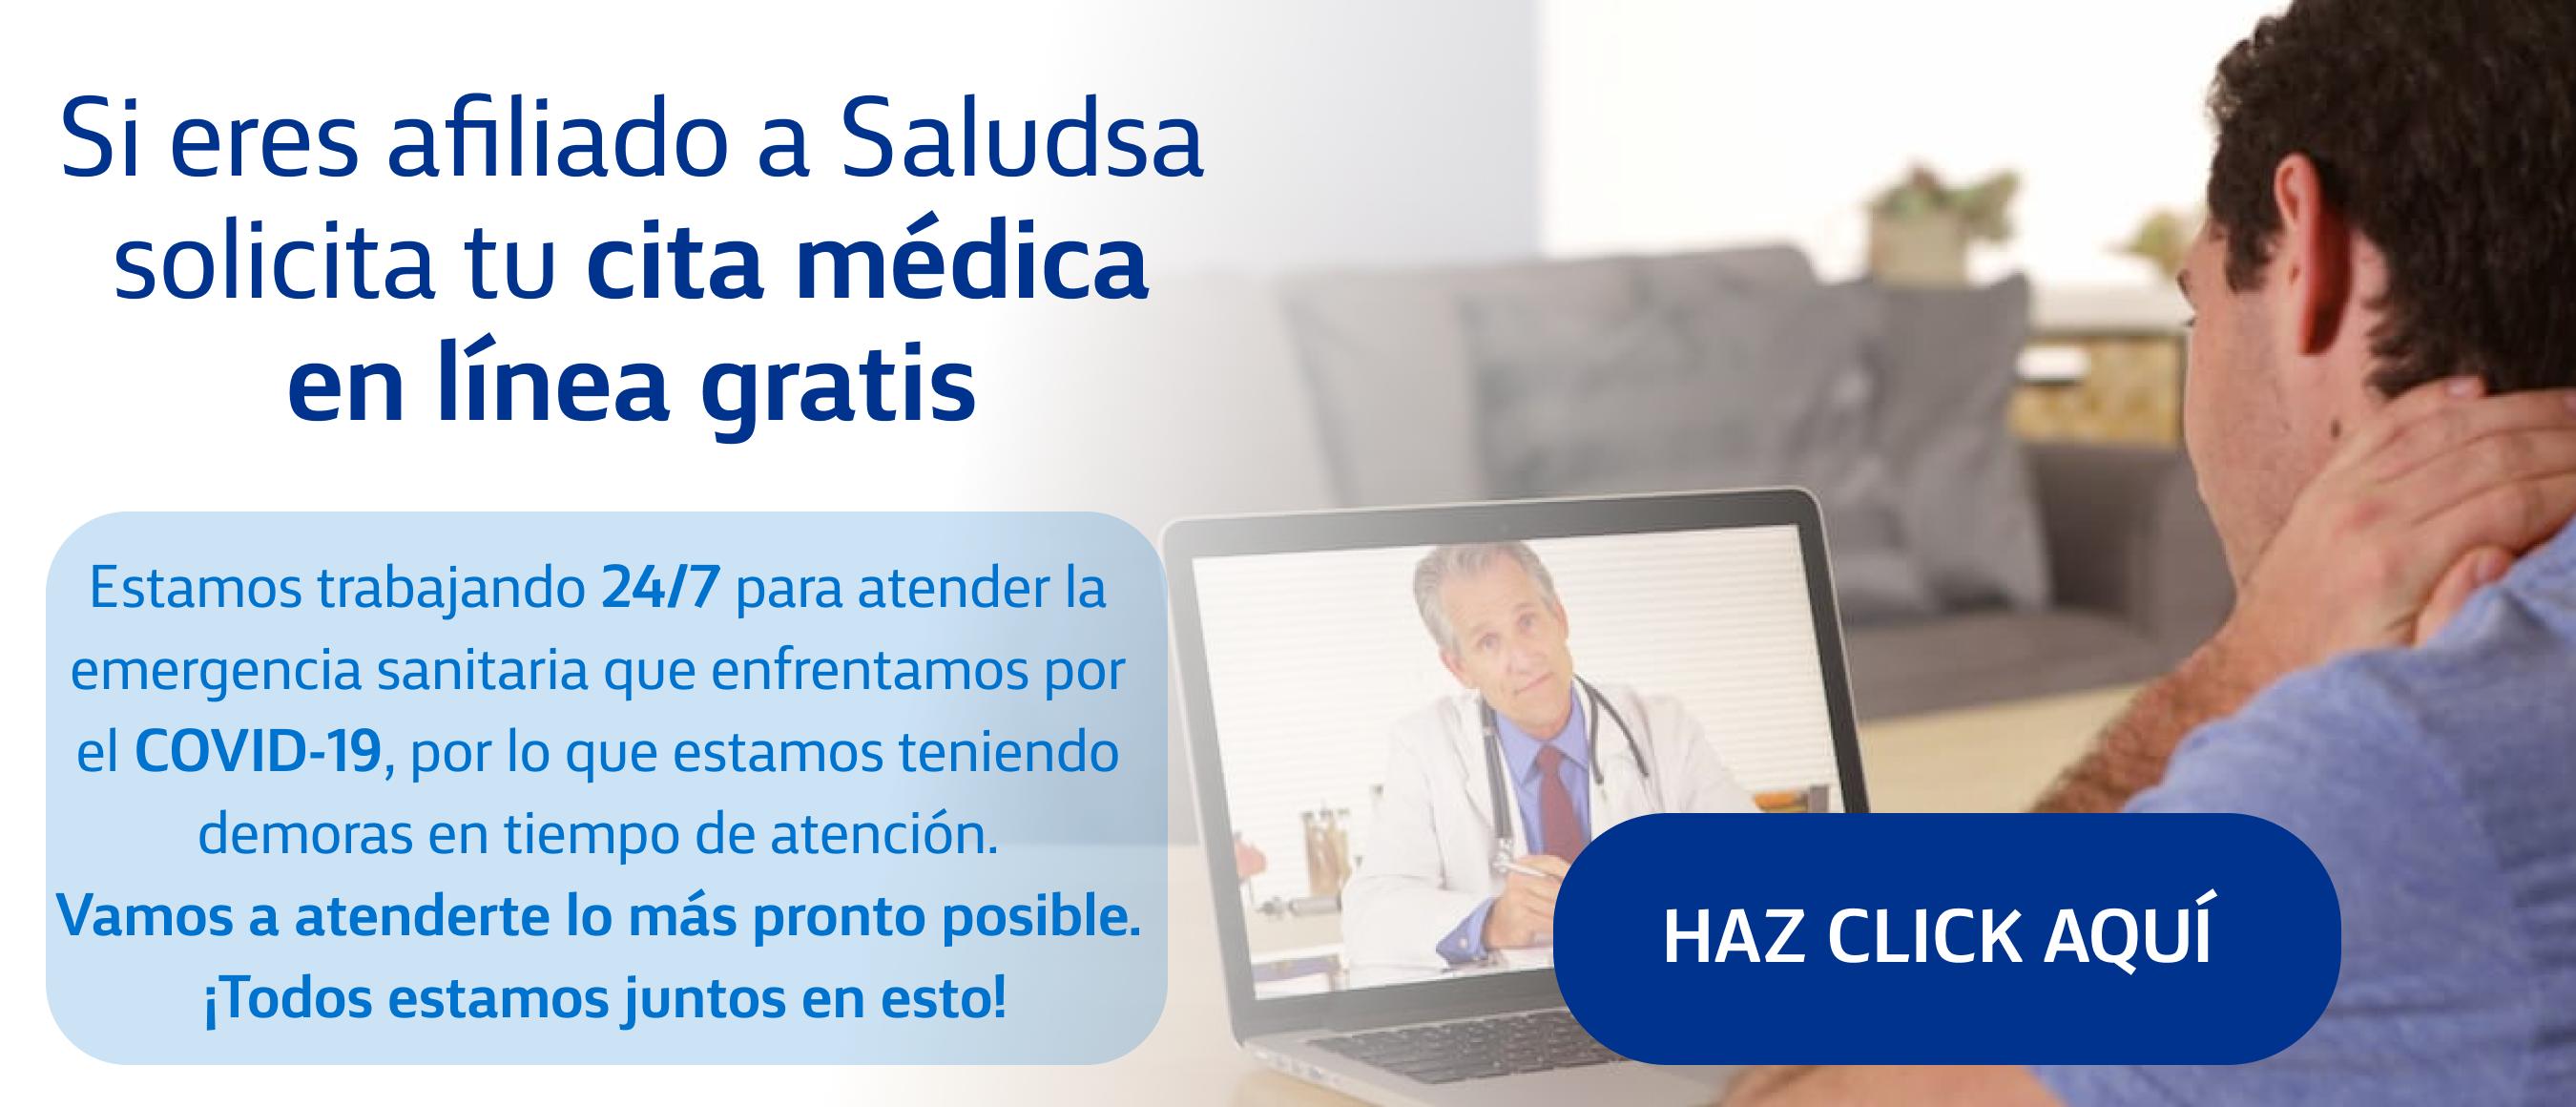 Consulta médica en línea